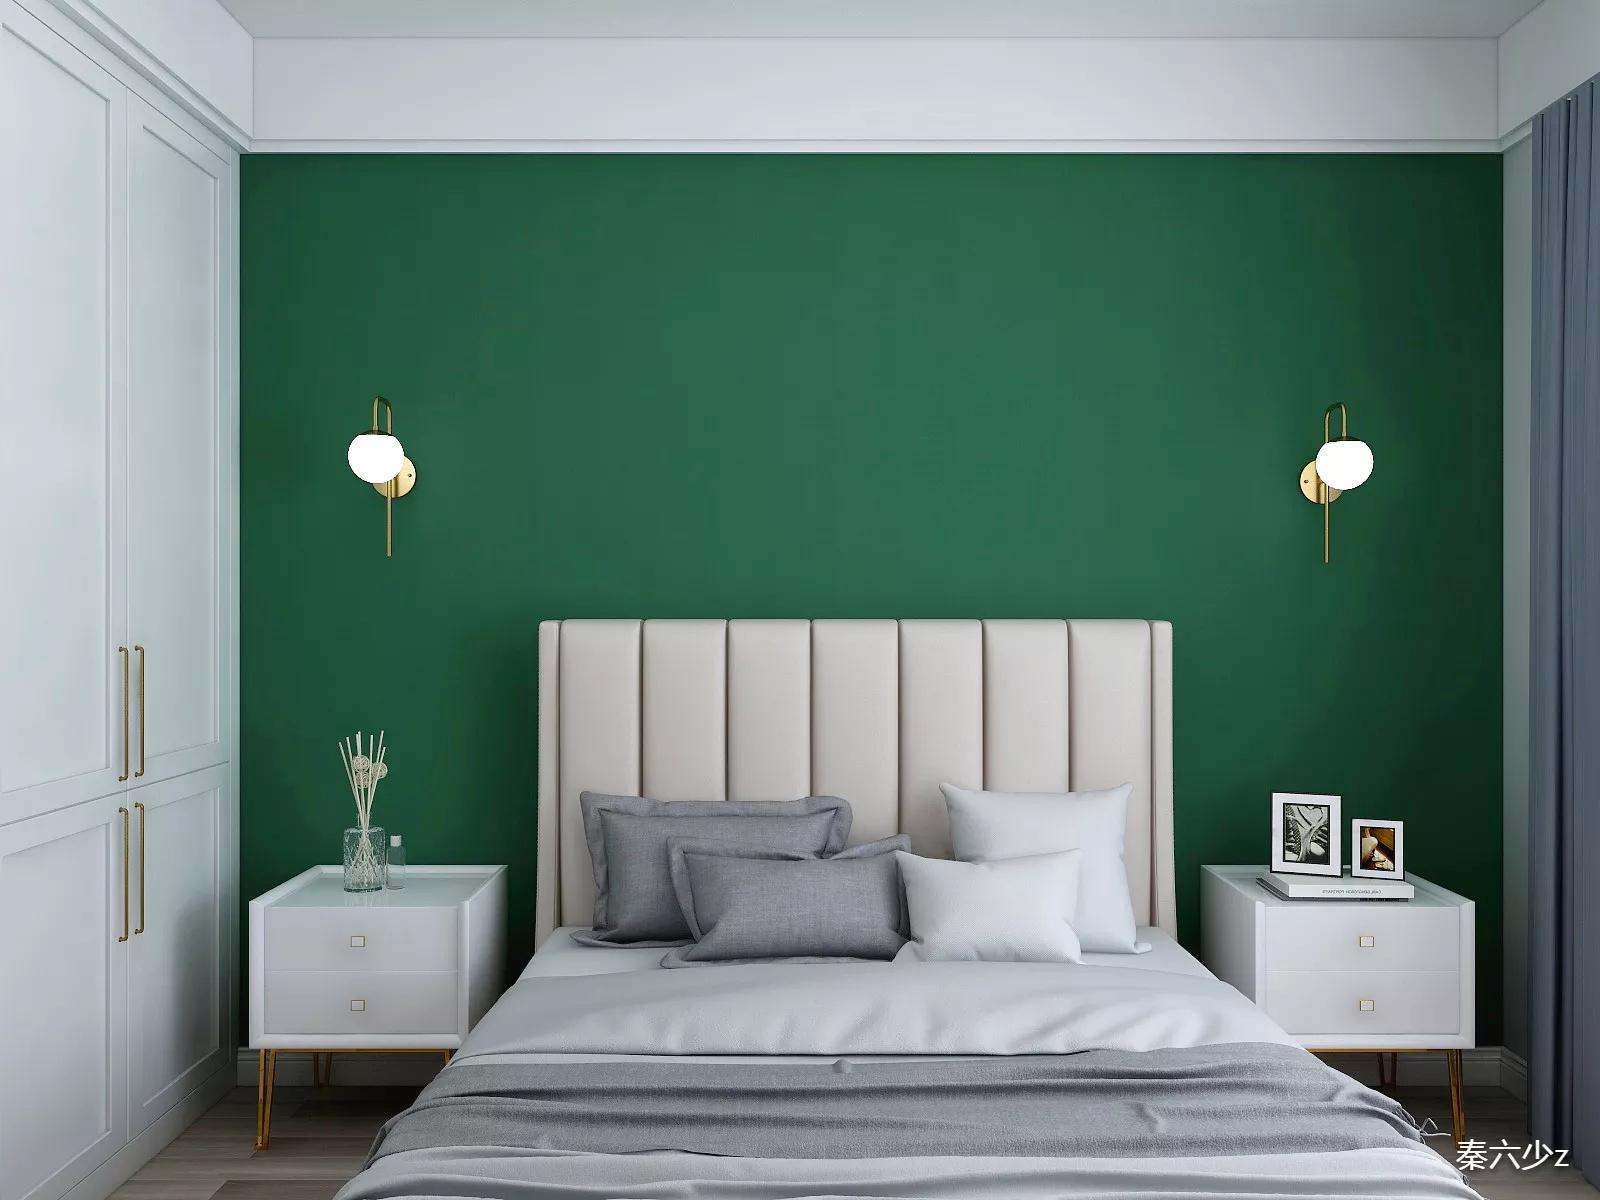 地中海风格乐活型客厅装修效果图